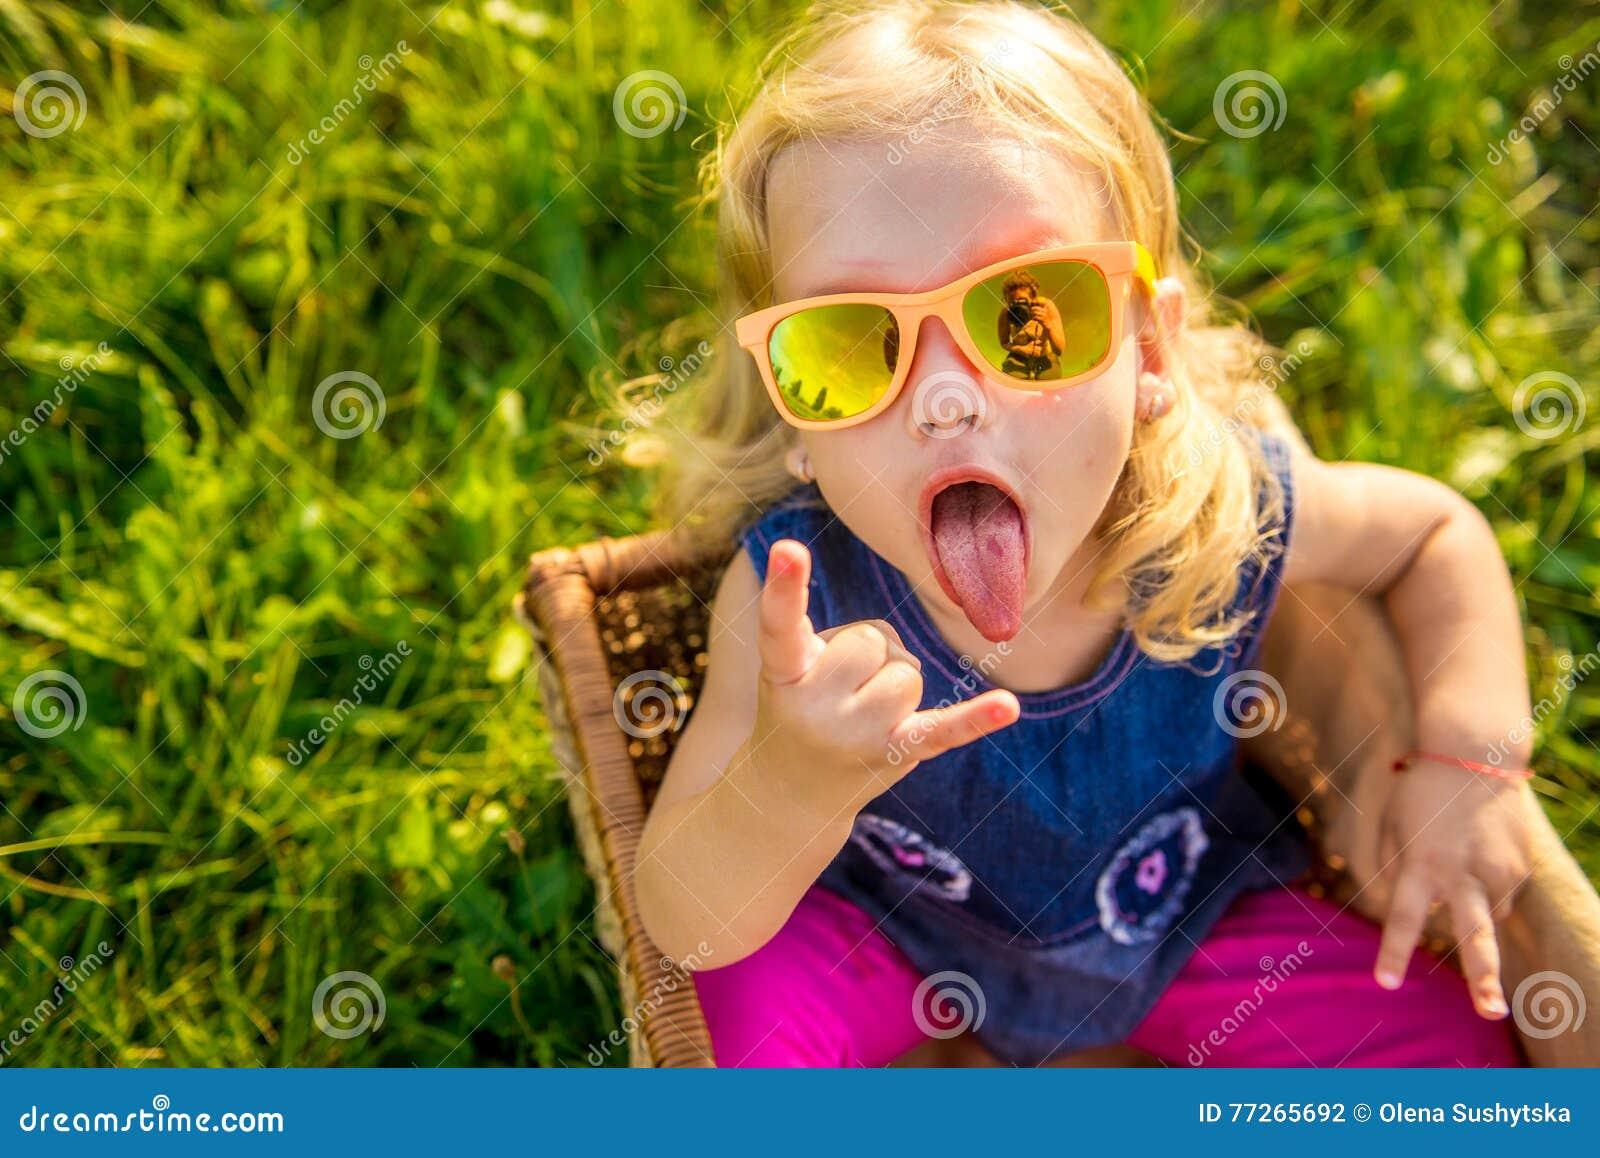 картинка девочка смешная